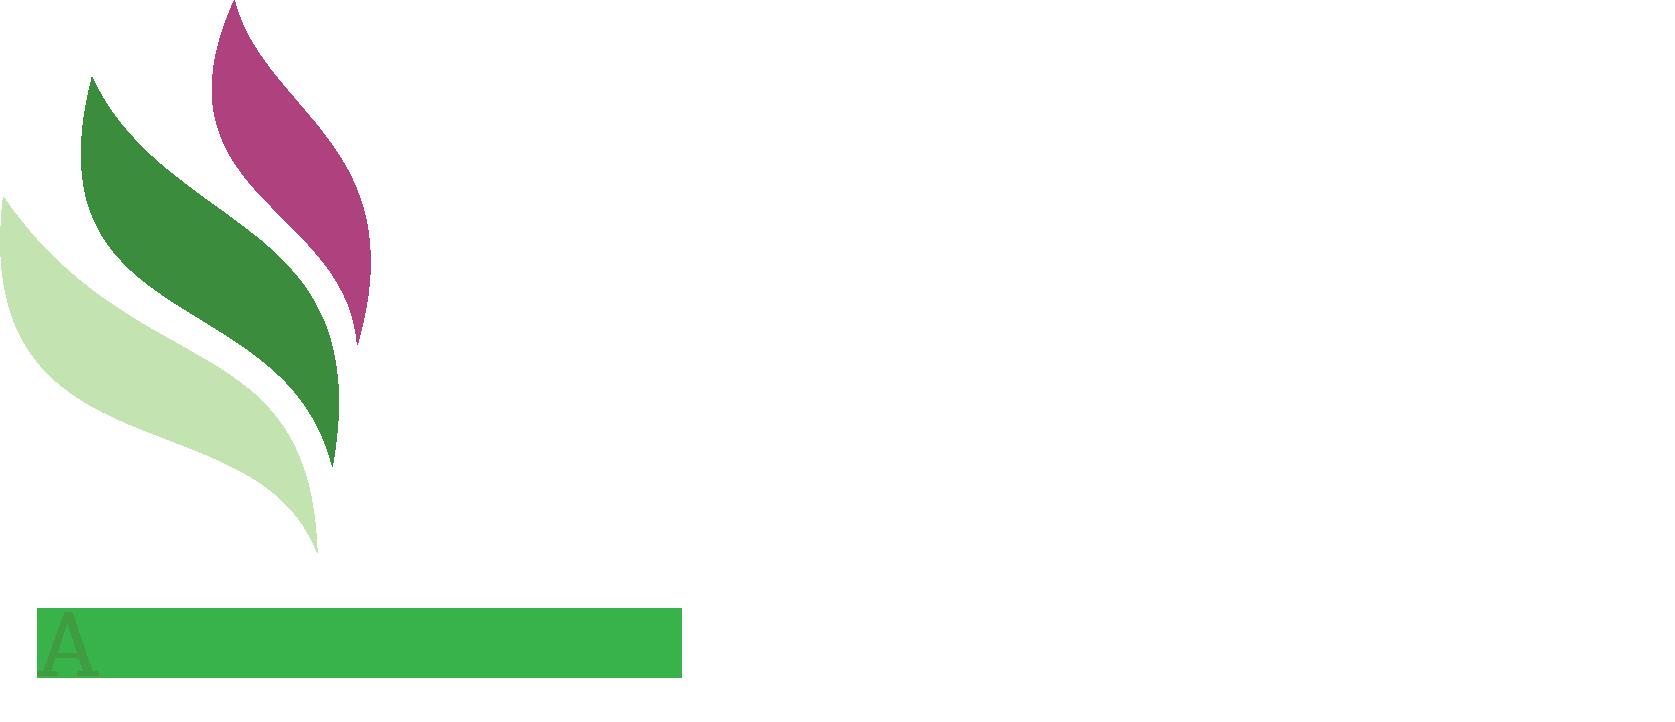 ACWWA020---ACWWA-Certified-Logo-1-white